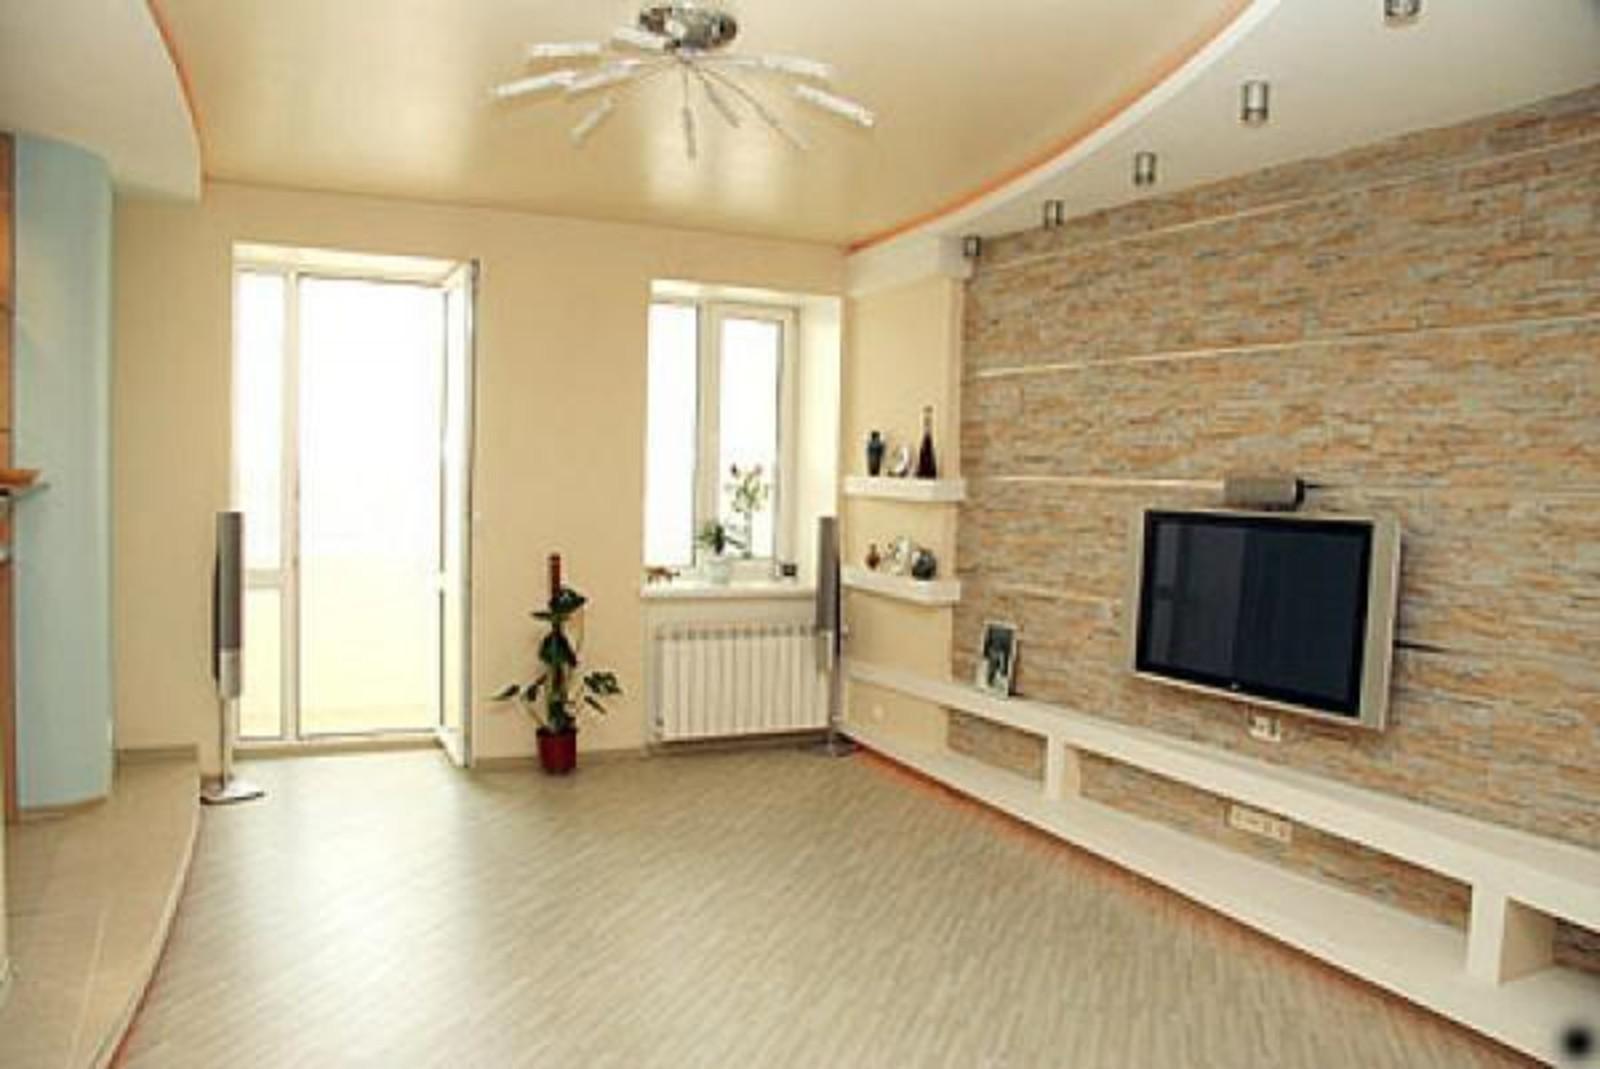 19 способов сделать квартиру уютнее и не потратить на это миллион